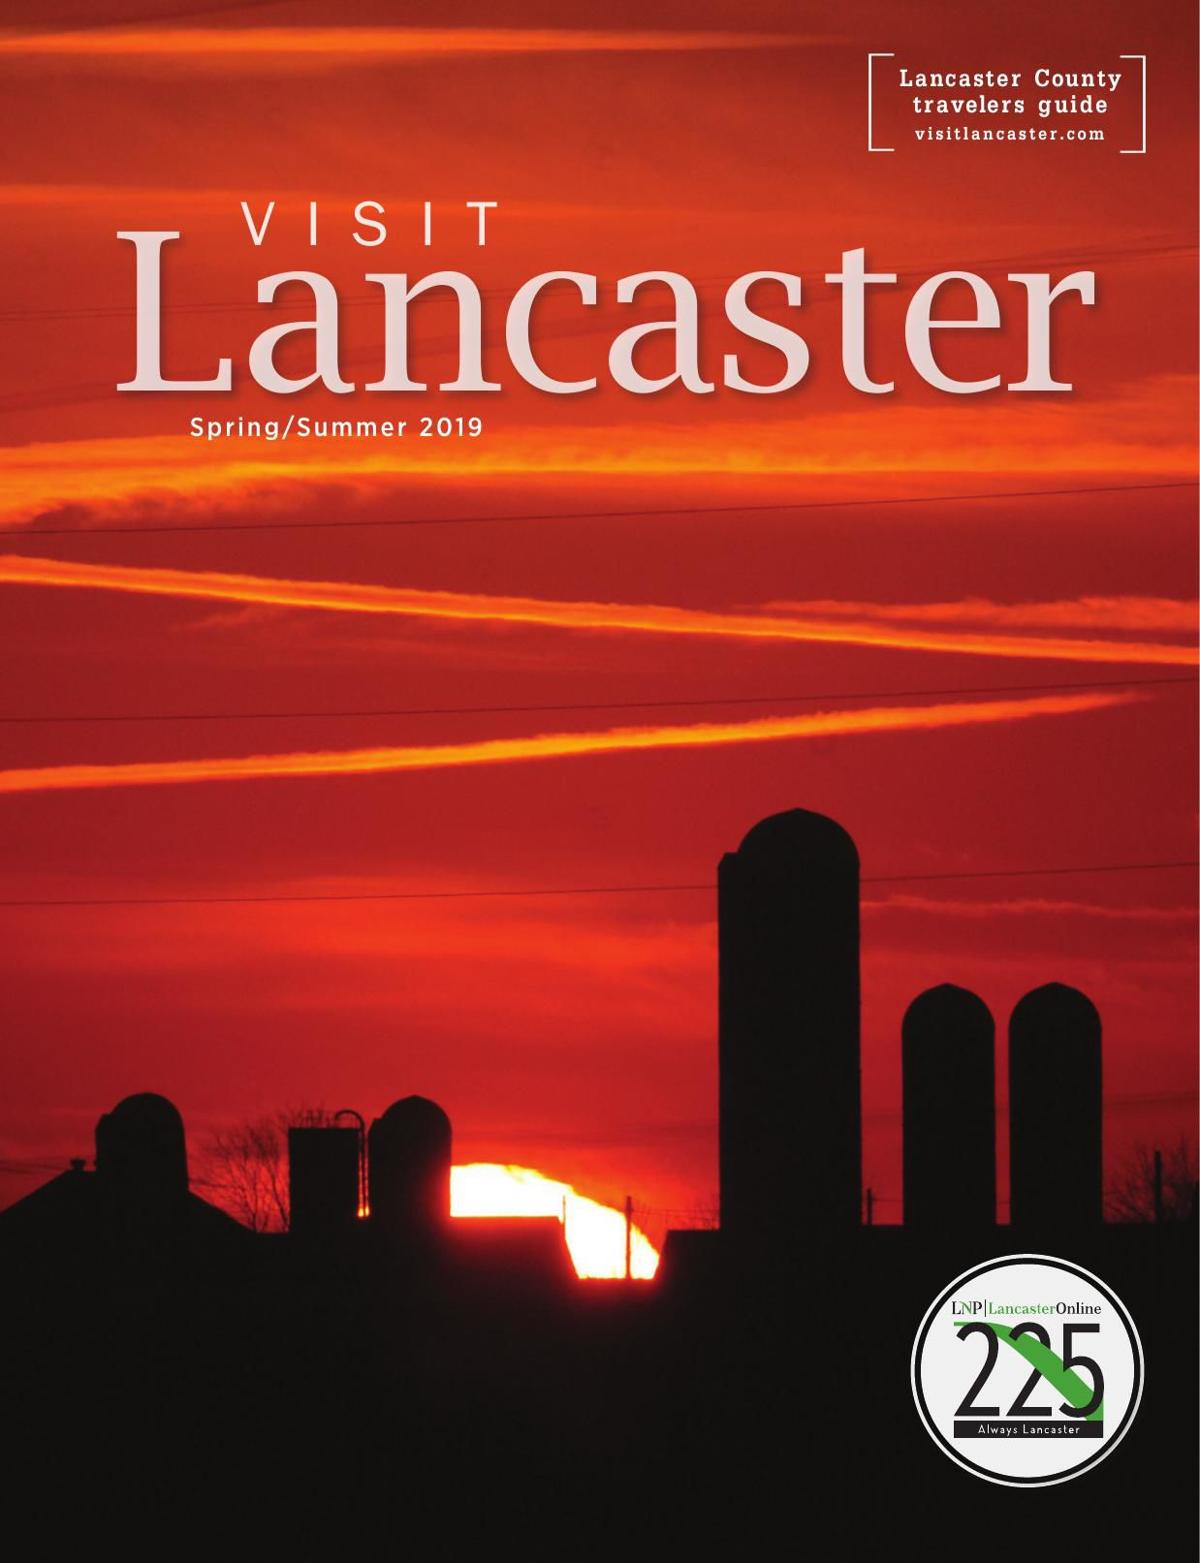 Visit Lancaster Spring/Summer 2019